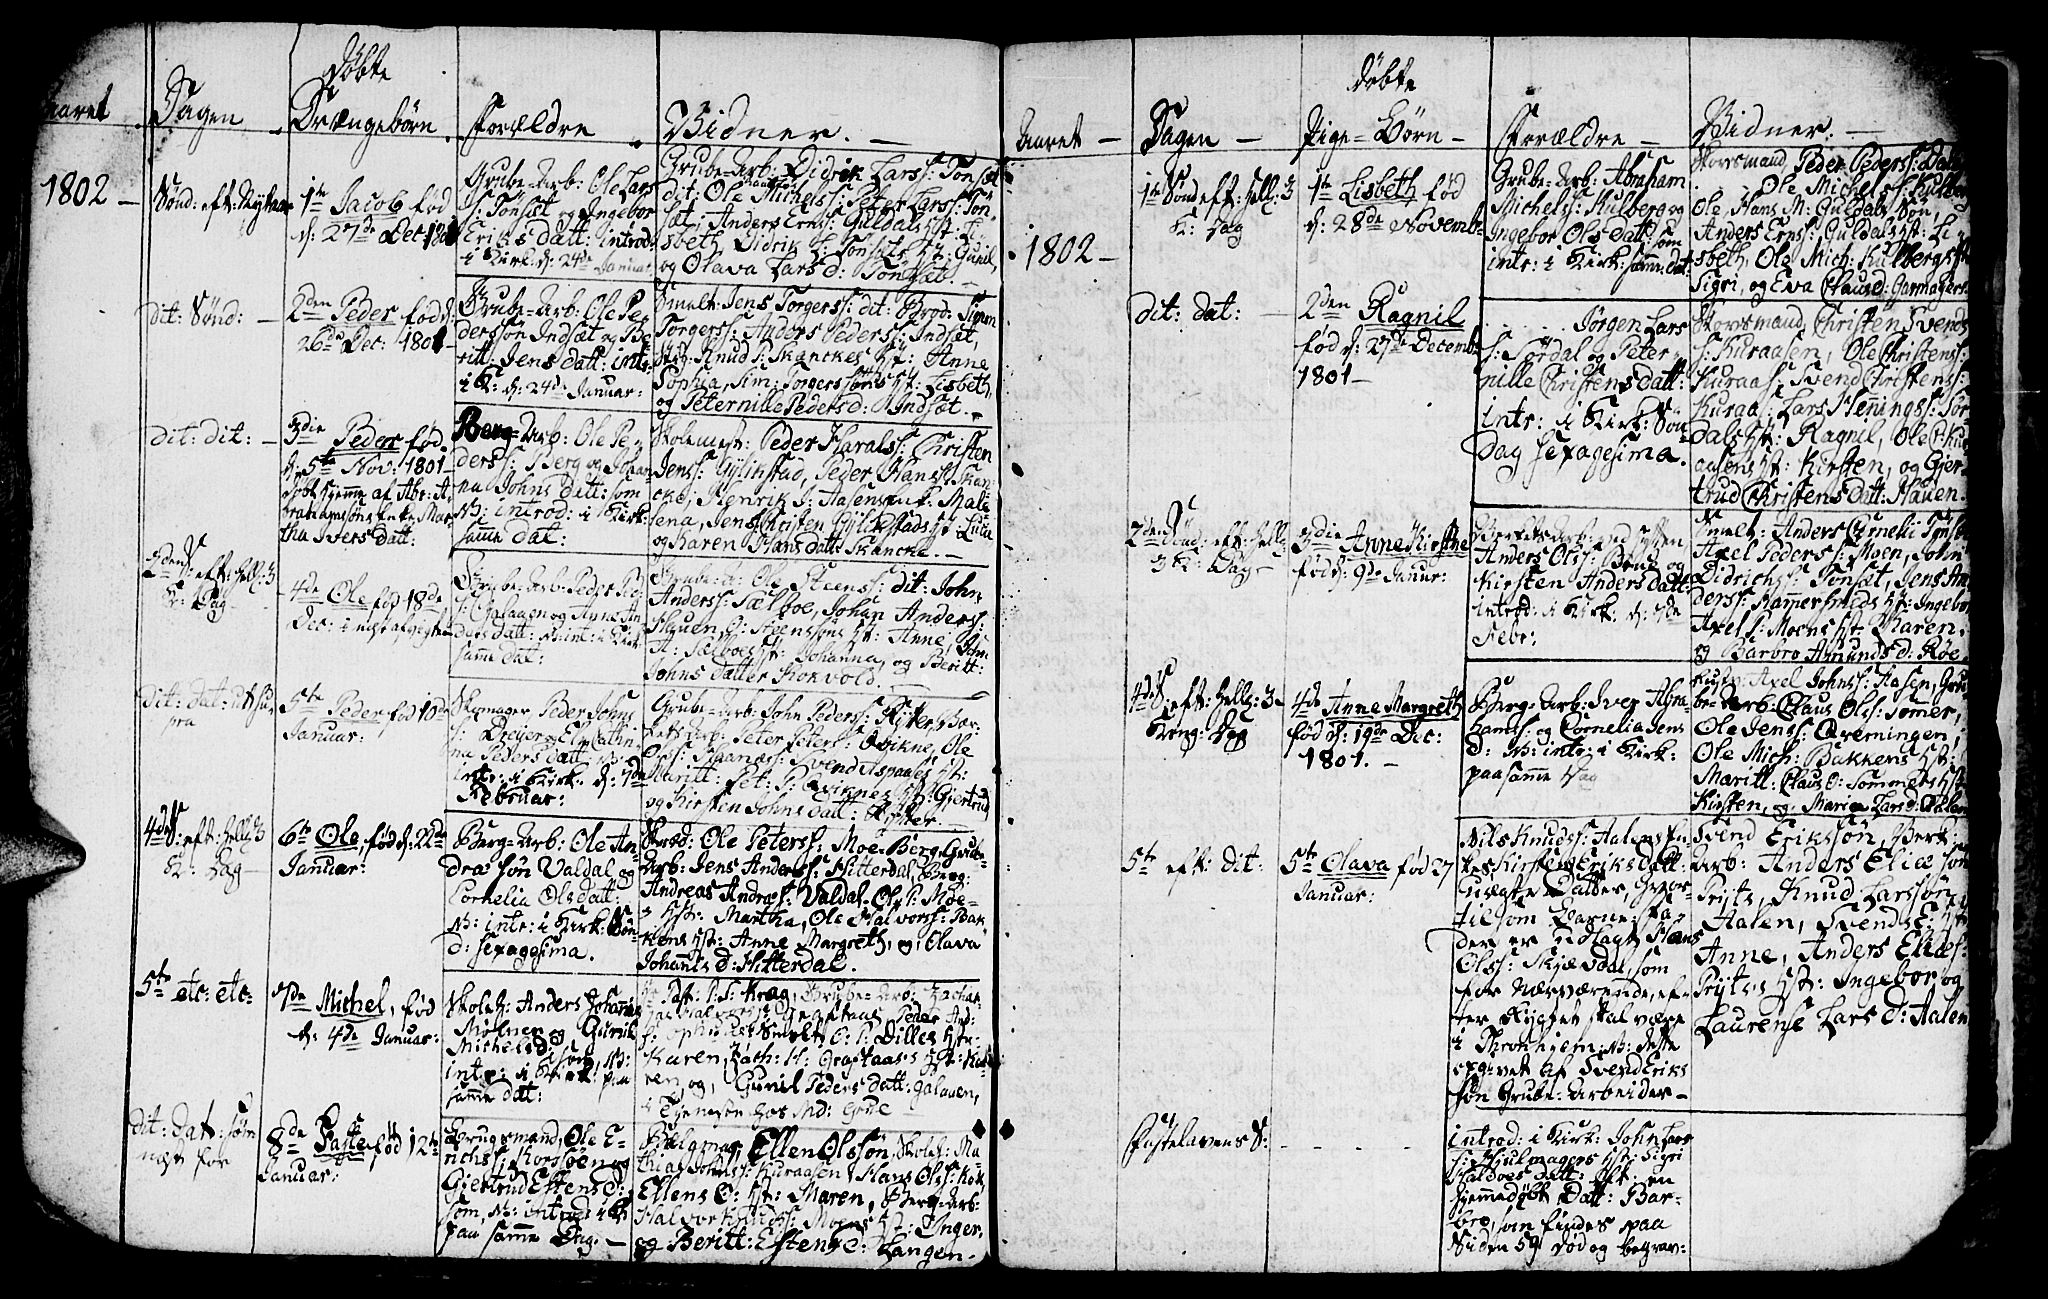 SAT, Ministerialprotokoller, klokkerbøker og fødselsregistre - Sør-Trøndelag, 681/L0937: Klokkerbok nr. 681C01, 1798-1810, s. 12-13